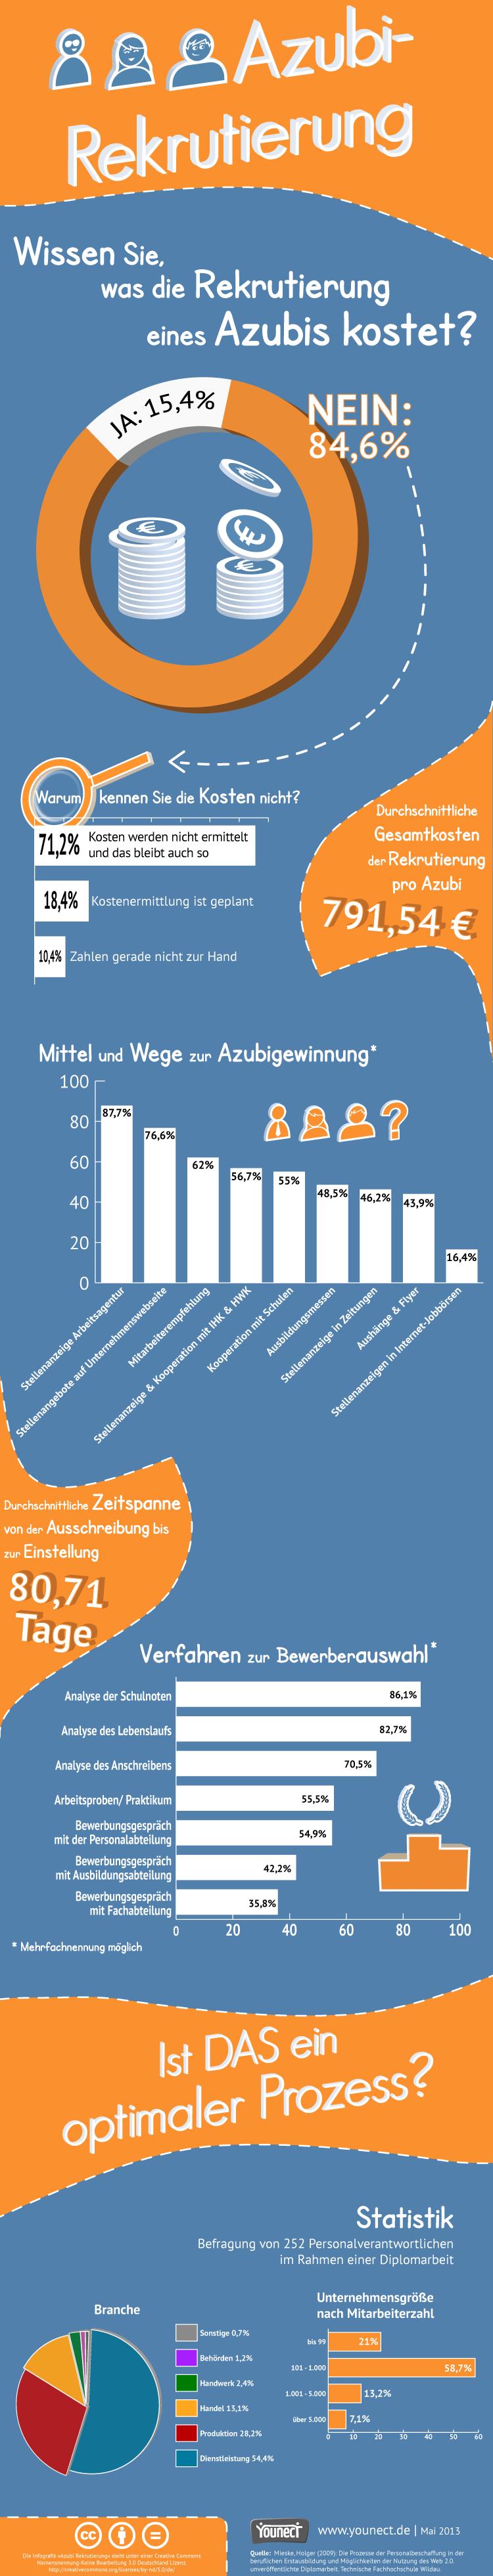 Azubi-Recruiting: Wissen Sie was die Rekrutierung von Azubis kostet? - Quelle: Younect